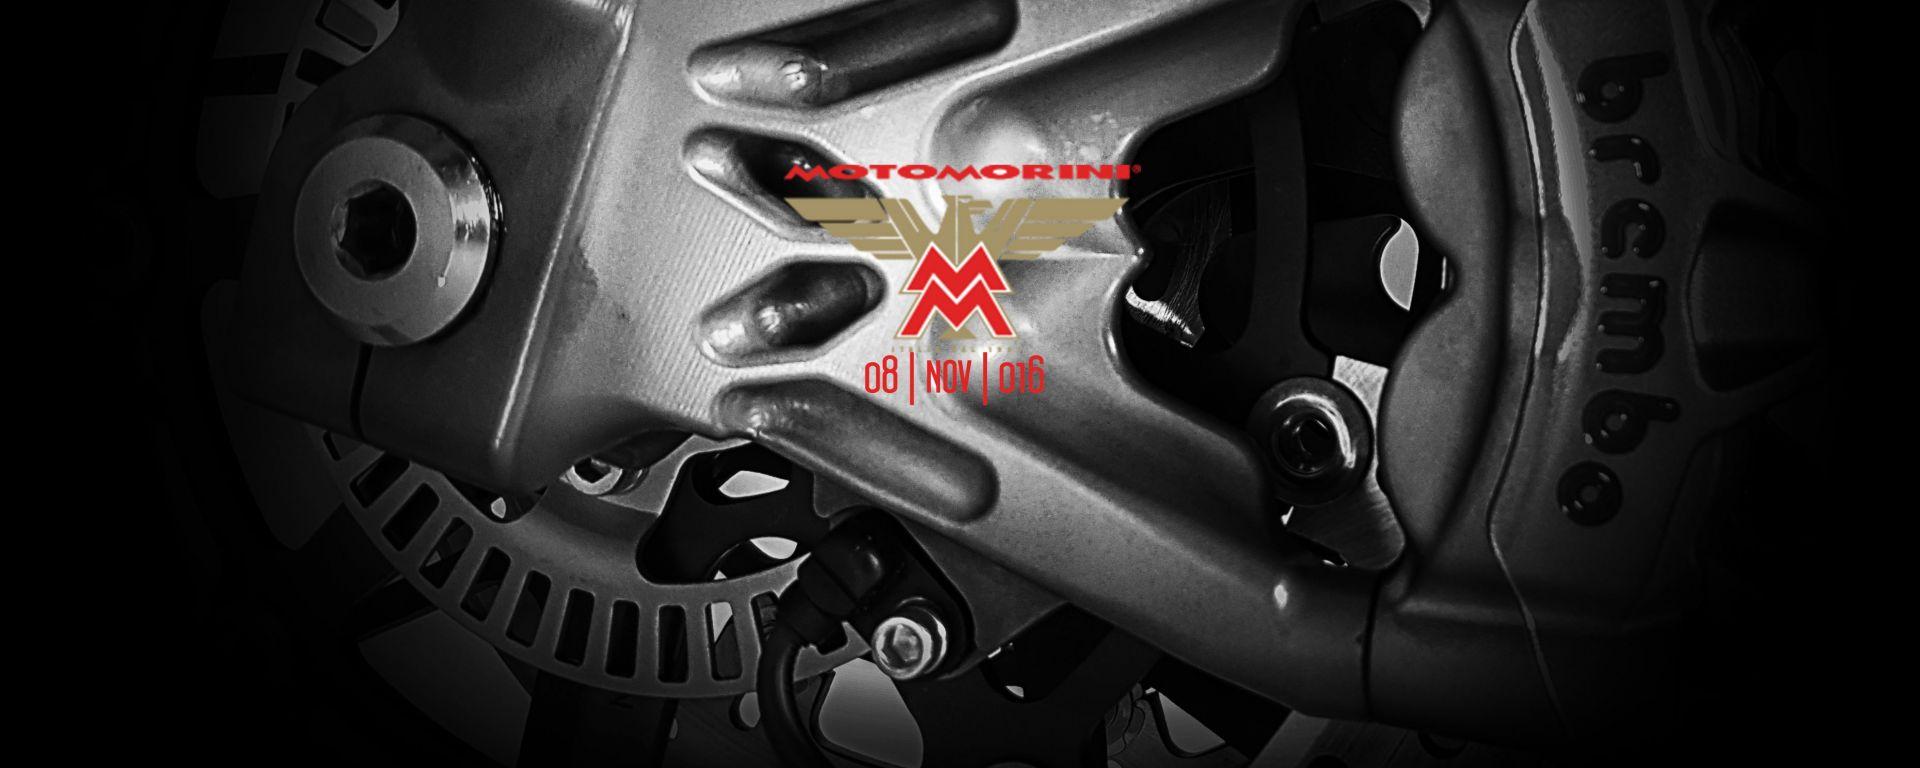 Moto Morini novità Eicma 2016